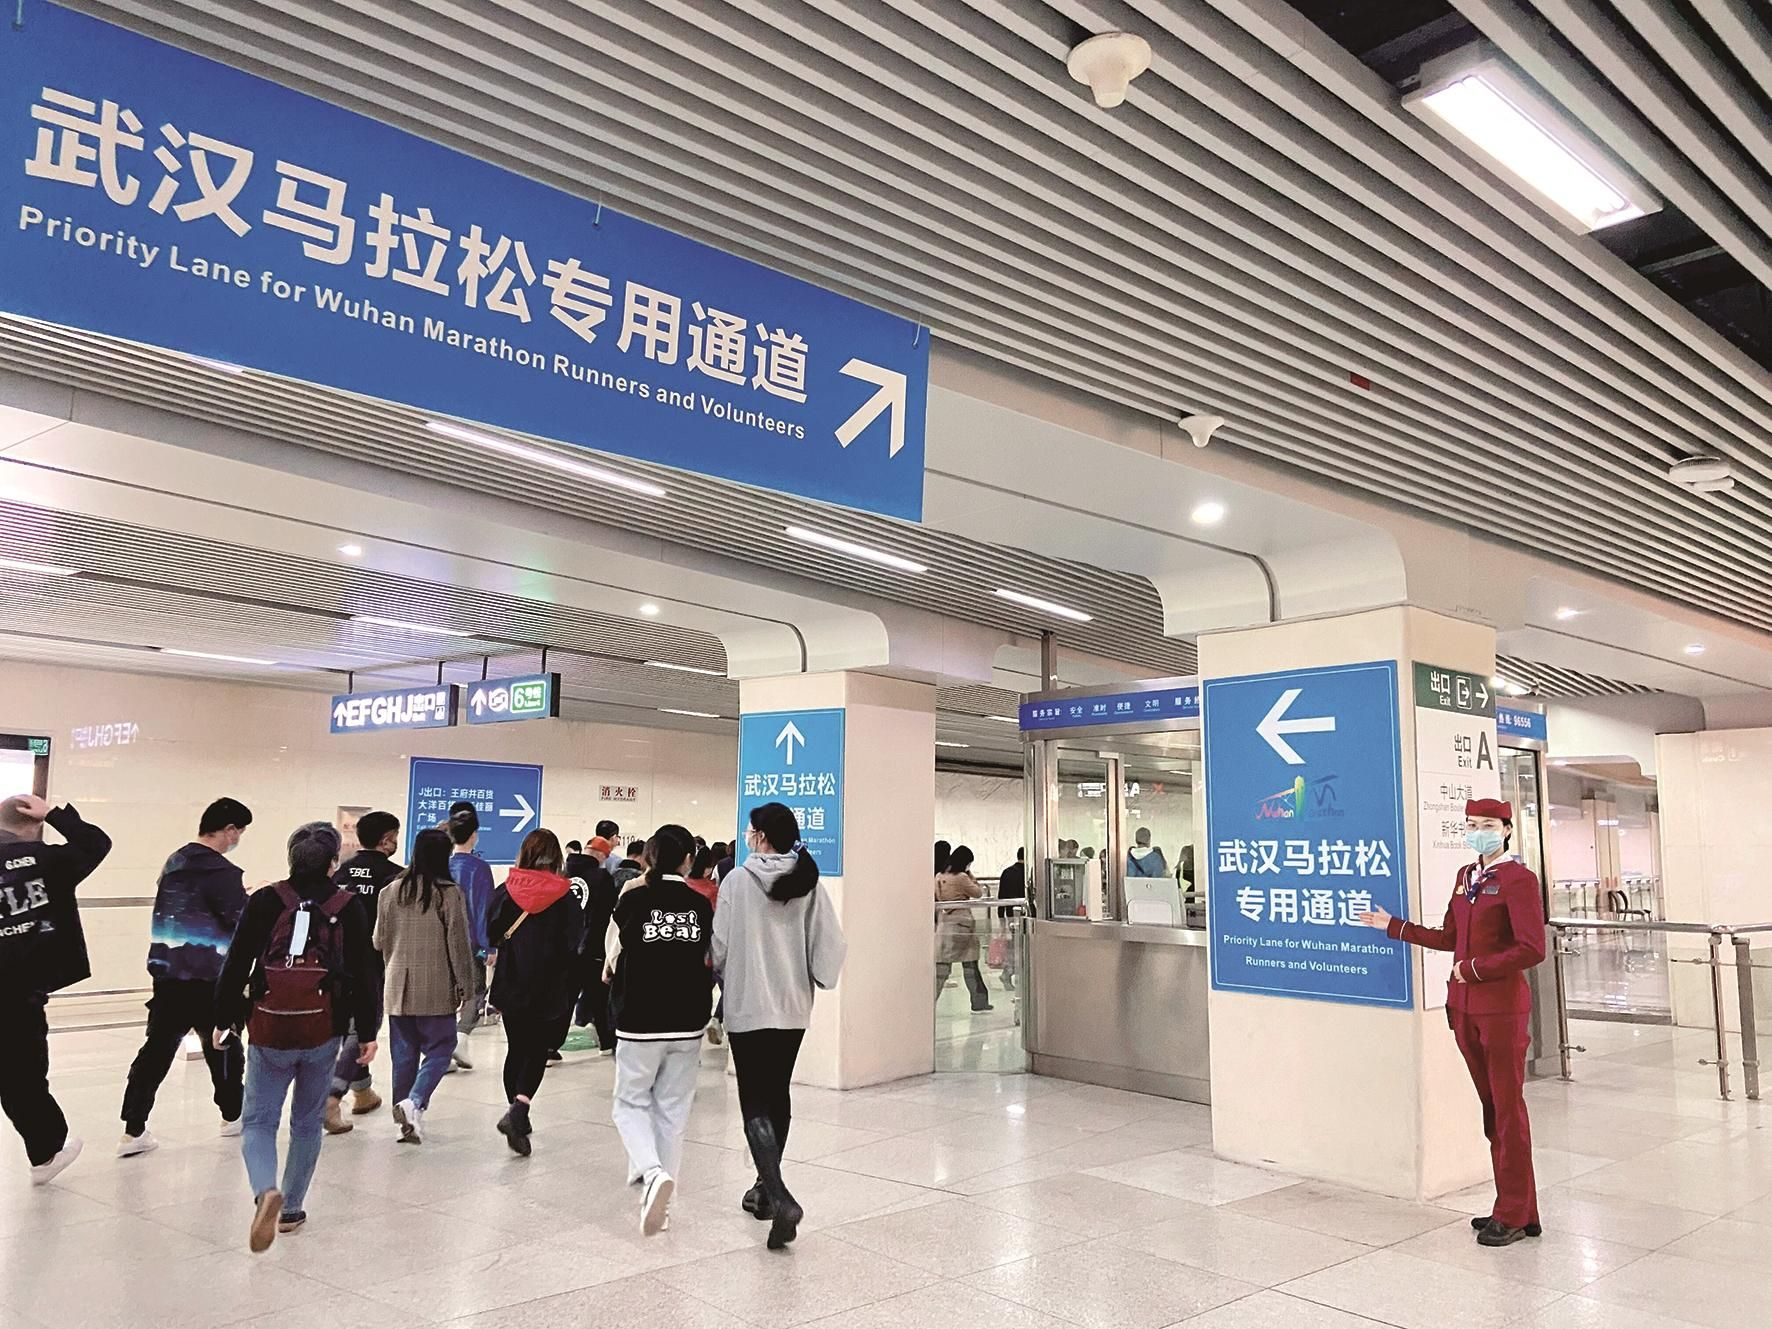 两条地铁线汉马当天提前开班